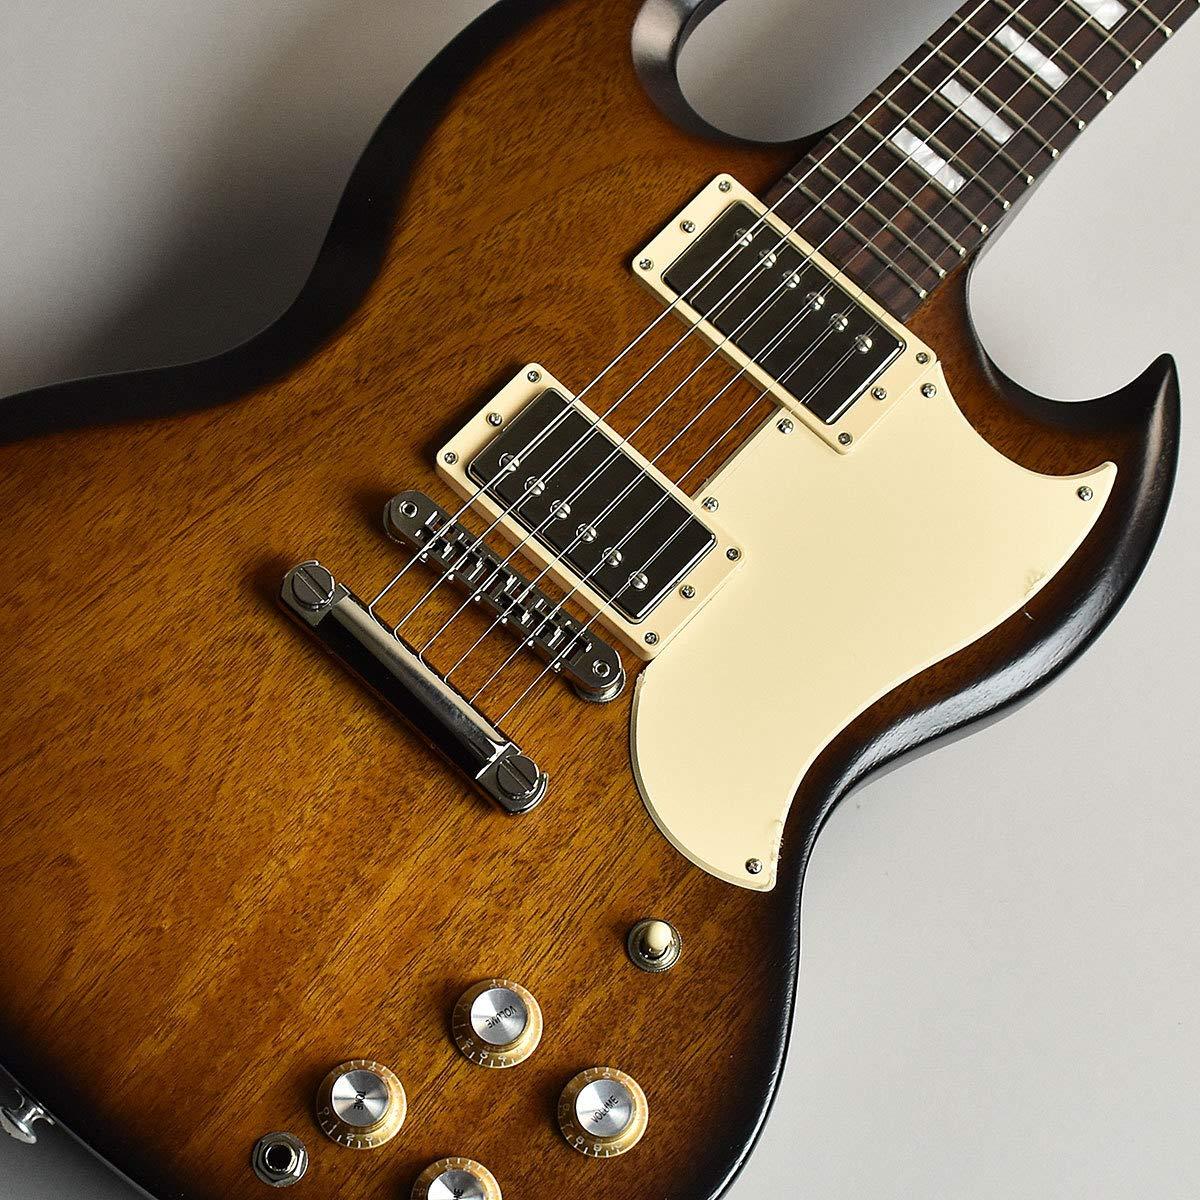 人気新品 Gibson SG Special Gibson 2017 T 2017/Satin Vintage Vintage Sunburst エレキギター(SG) ギブソン B07JH6F5RJ, 豆吉本舗:a72863f5 --- arianechie.dominiotemporario.com